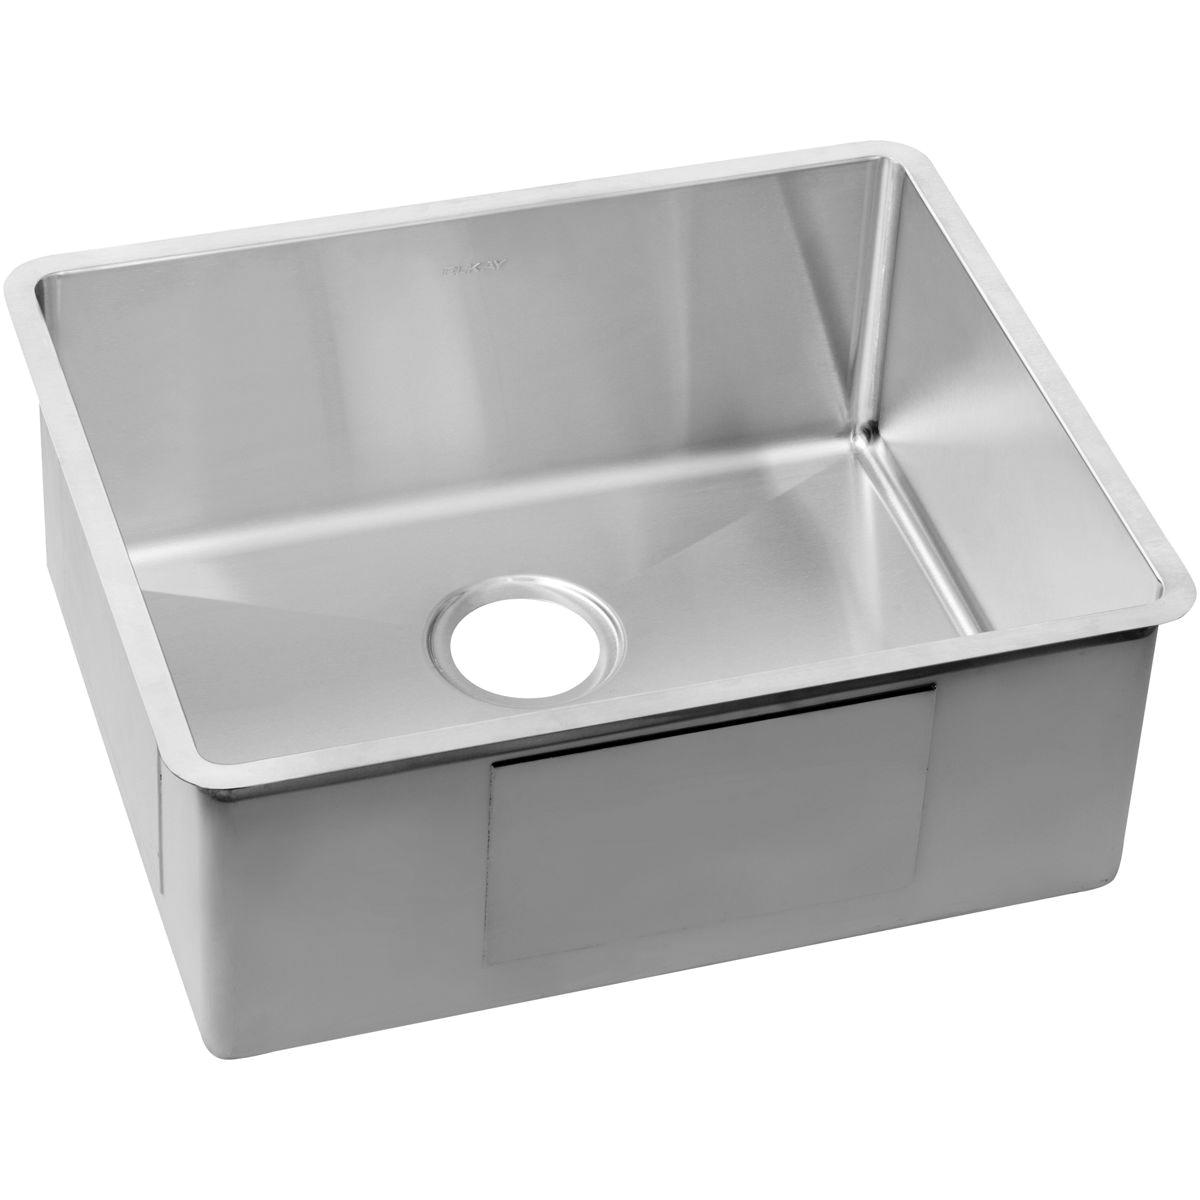 Elkay® ECTRU21179 Crosstown™ Contemporary Kitchen Sink, Rectangular, 21 in L x 17 in W x 9 in H, Undermount Mount